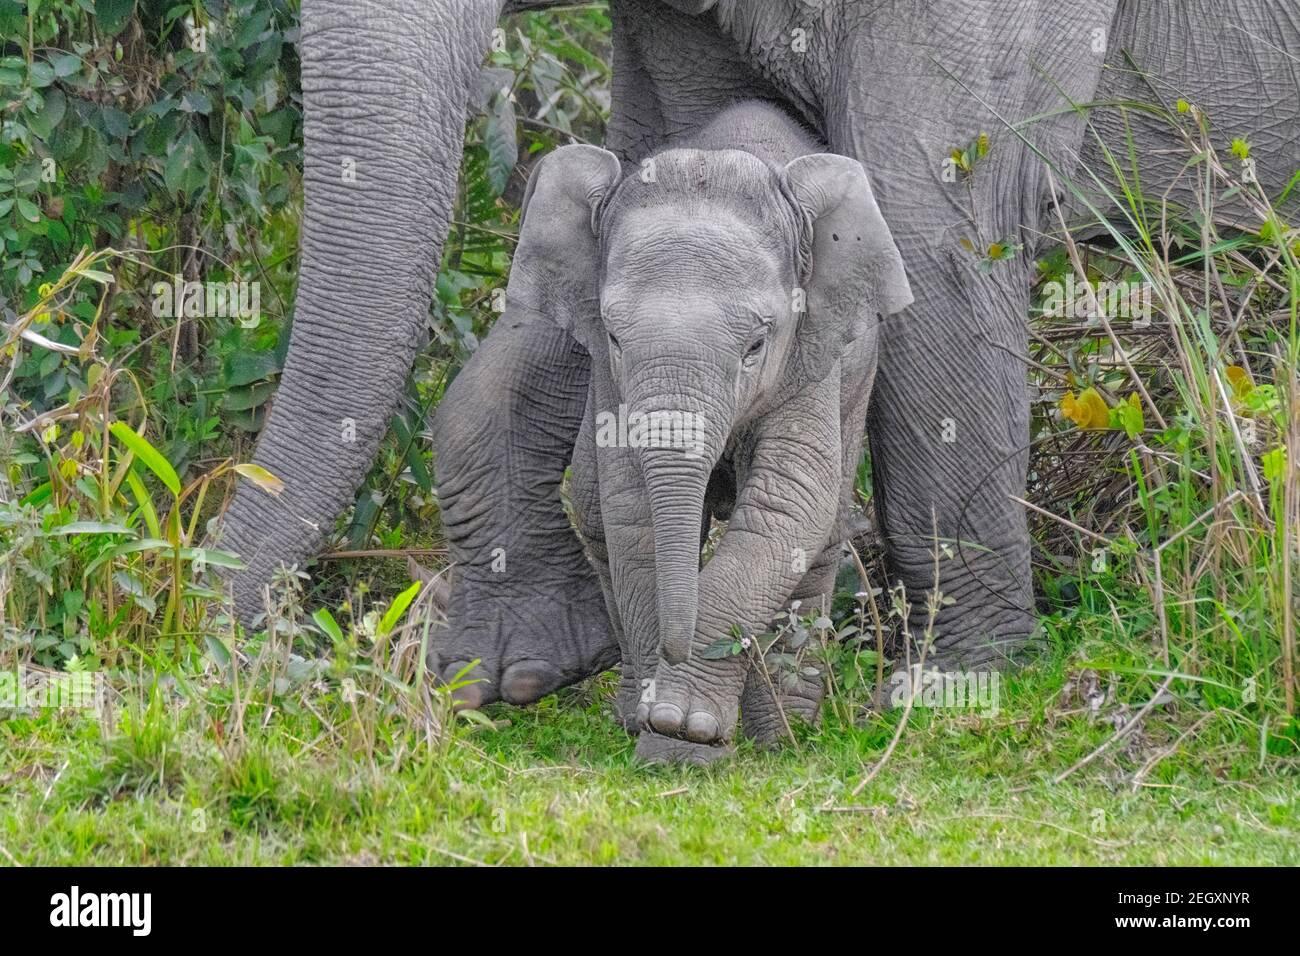 Éléphant d'Asie (Elepha maximus) dans la jungle. Parc national de Kaziranga, Assam, Inde Banque D'Images